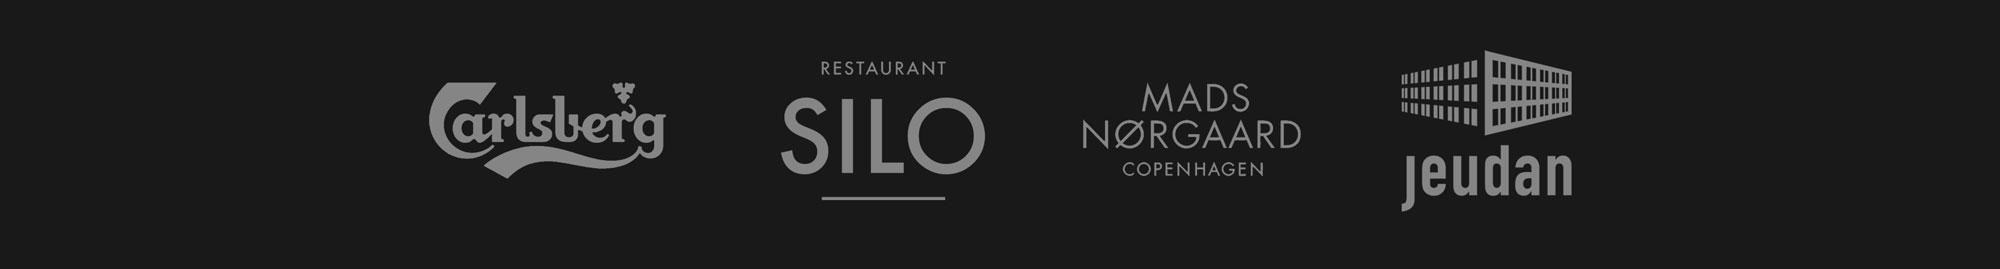 Carlsberg, Restaurant SILO, Mads Nørgaard og Jeudan - Se flere af vores B2B Cases på vores case-side.